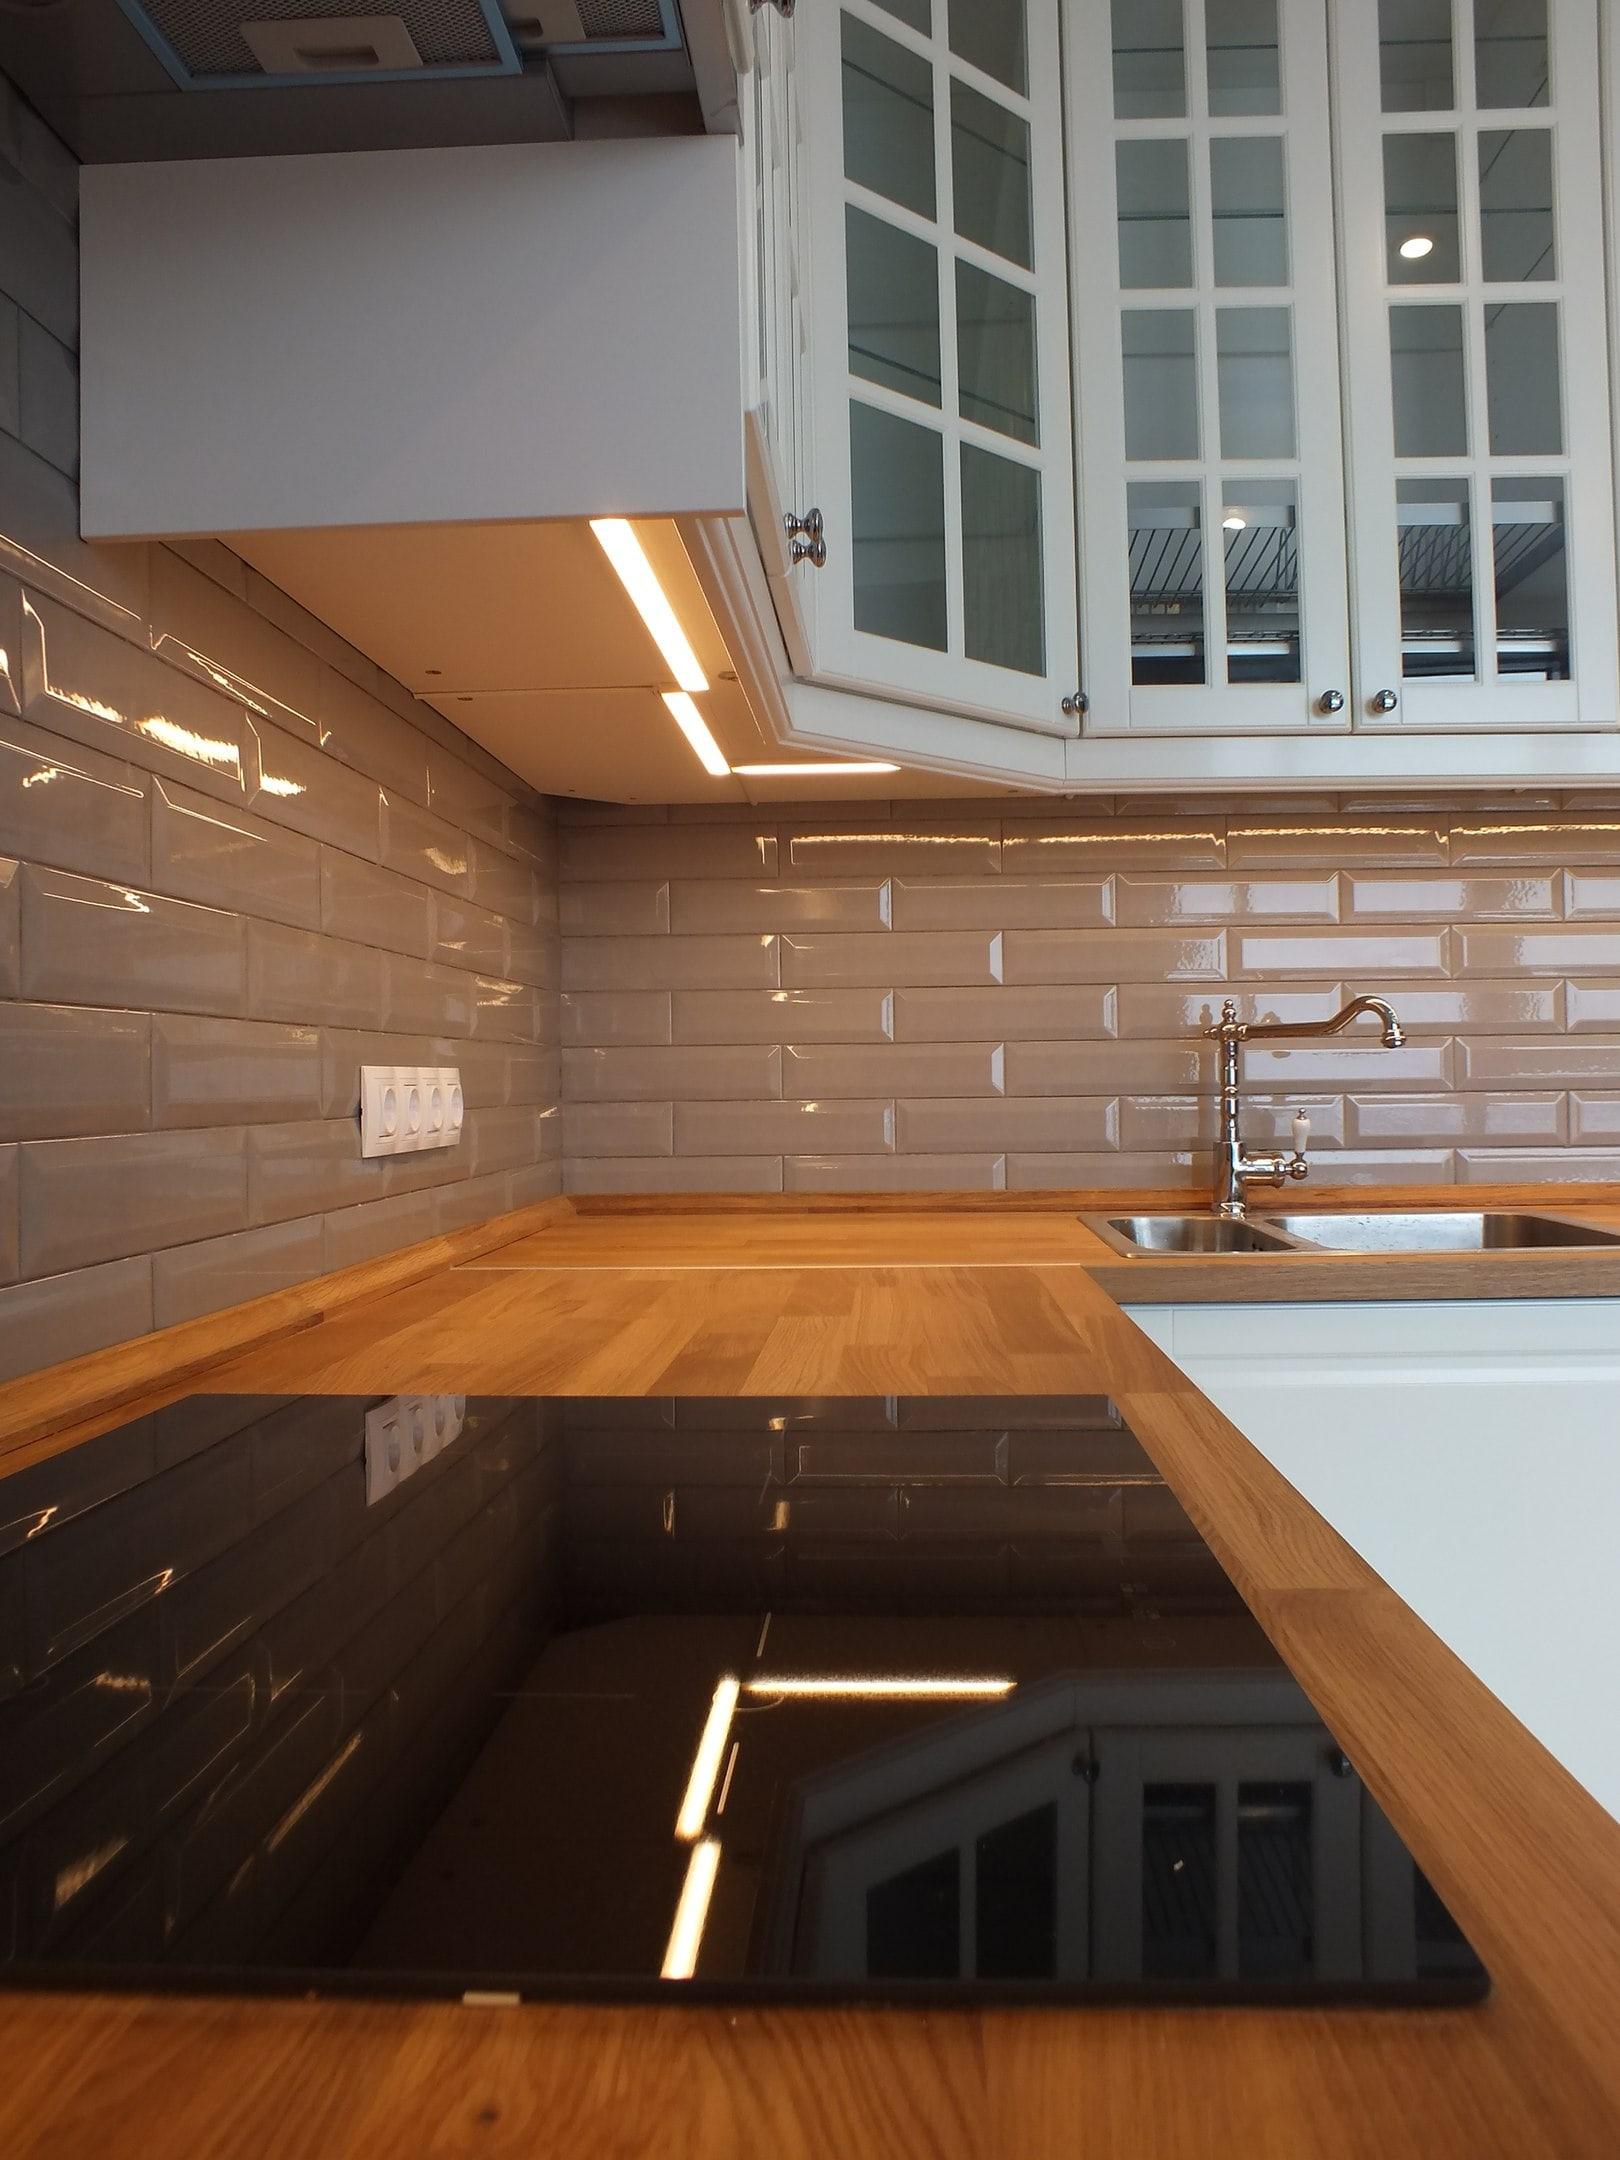 Ikea k chenstudio von crossartstudio for Studio de travail ikea